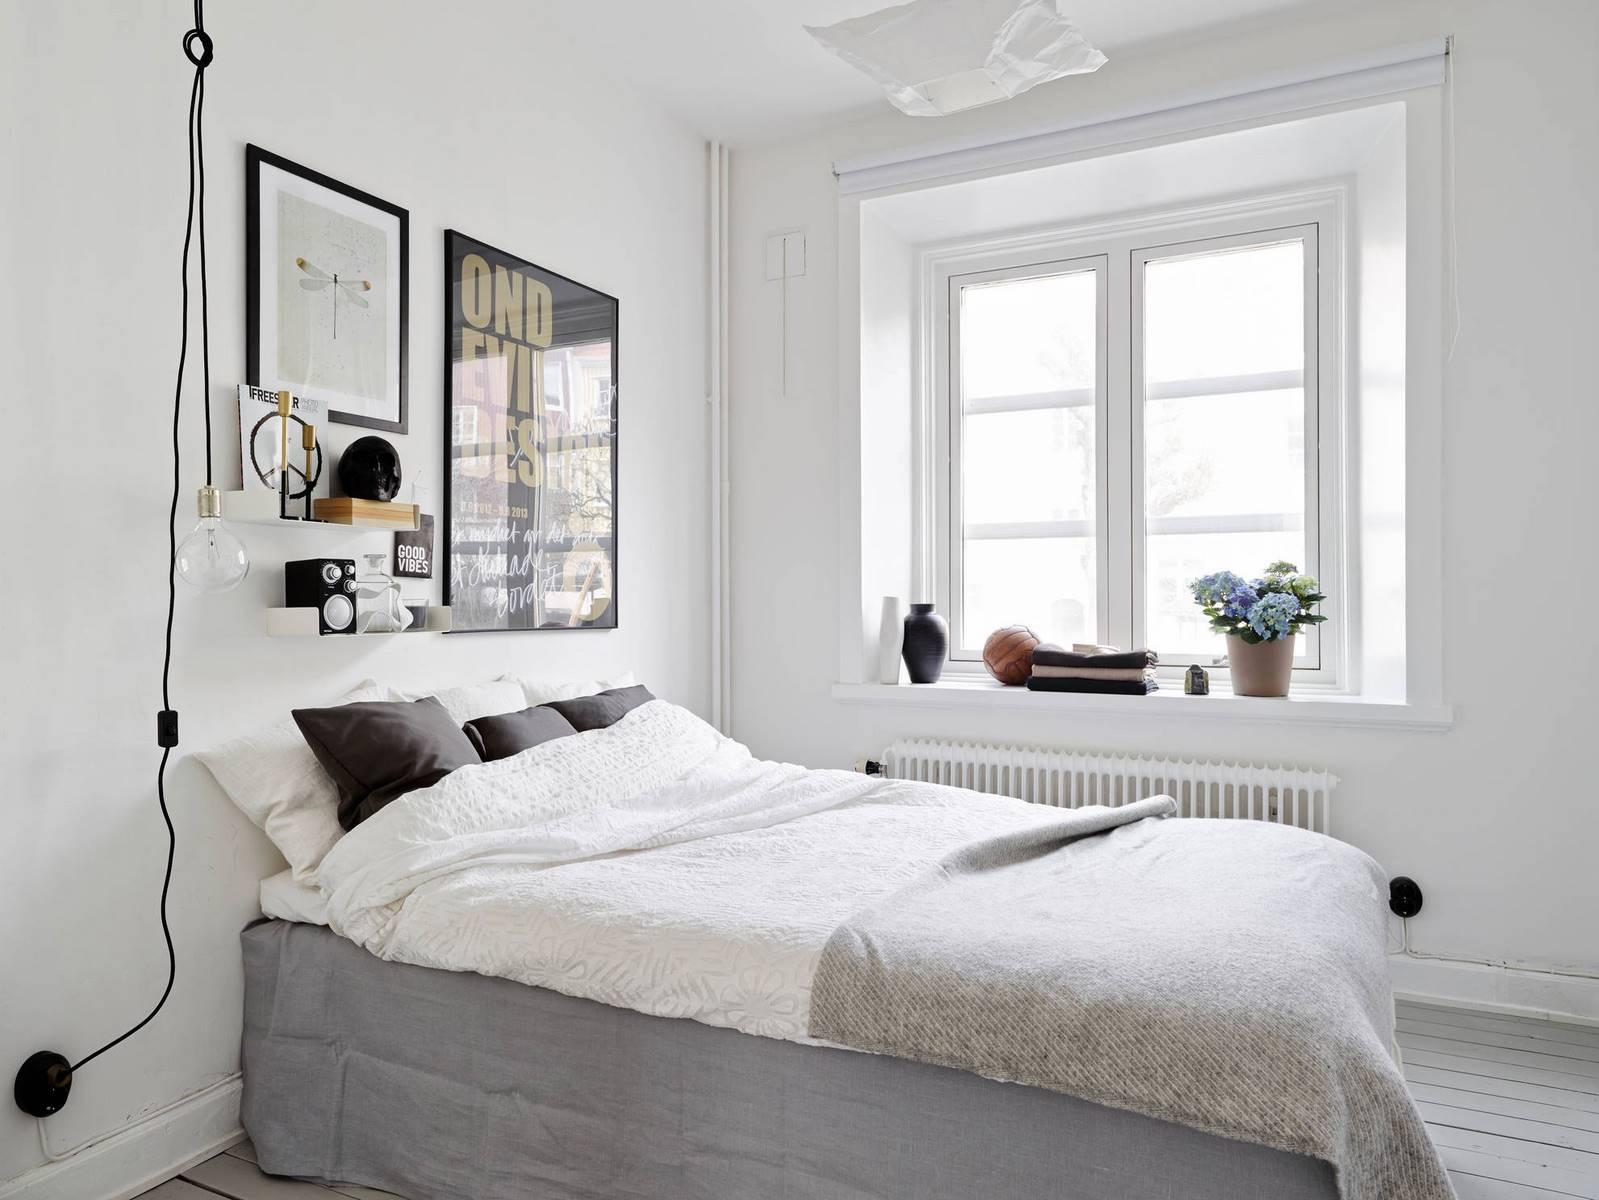 simple-design-scandinavian-design-dining-chairs-in-scandinavian-design-bedroom-images-scandinavian-bedroom-designs